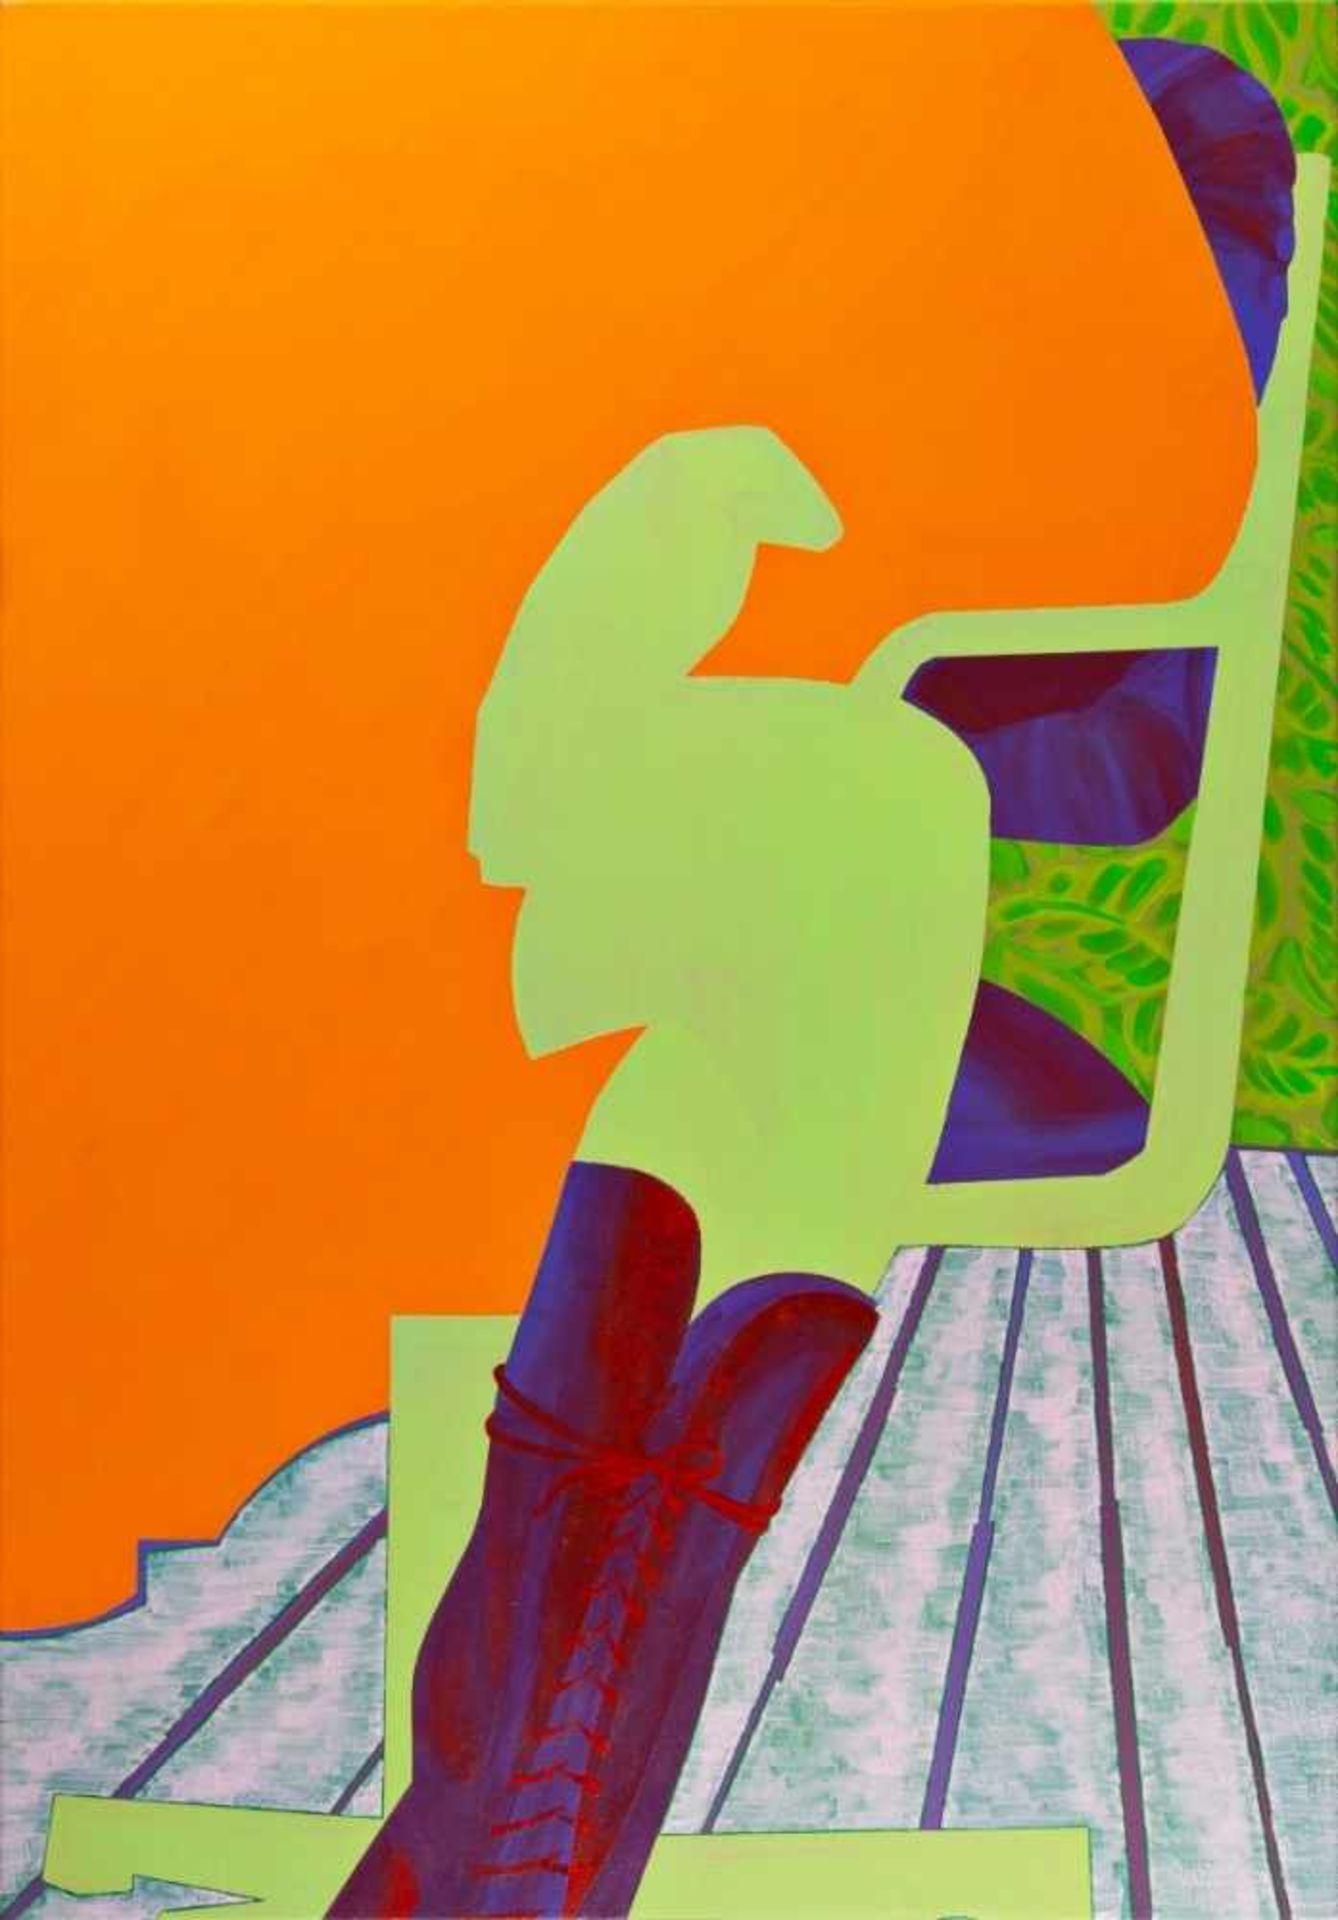 Los 55 - AURELIA GRATZER(1978 HARTBERG)ORANGE, 2003Dispersion auf Molino, 100 x 70 cmgerahmtSignatur